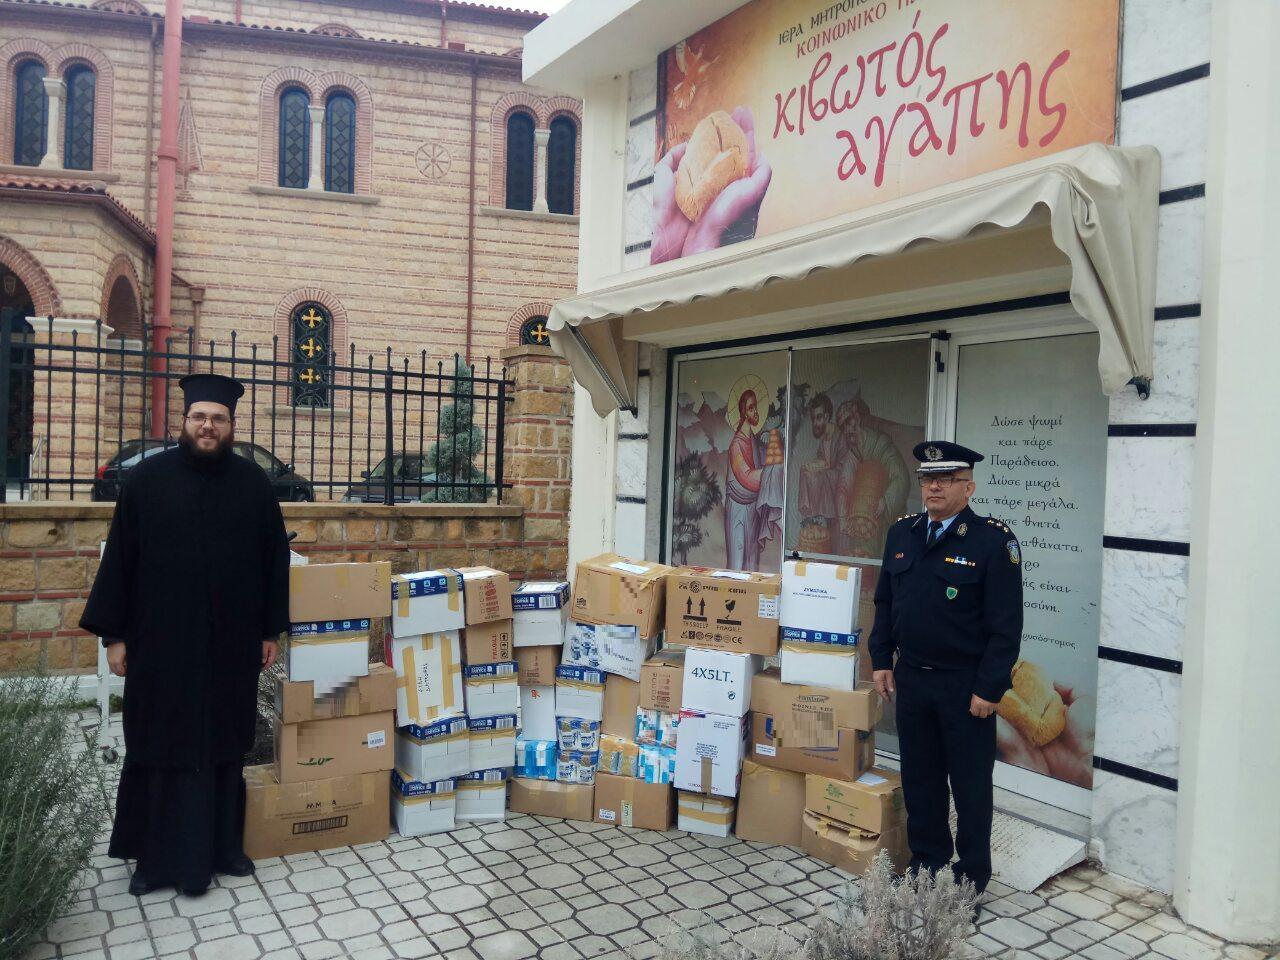 Προσφέρθηκαν σε φιλανθρωπικά ιδρύματα ρούχα τρόφιμα και άλλα είδη που  συγκεντρώθηκαν εθελοντικά από τους αστυνομικούς στην Κεντρική Μακεδονία 21f1bf1134d